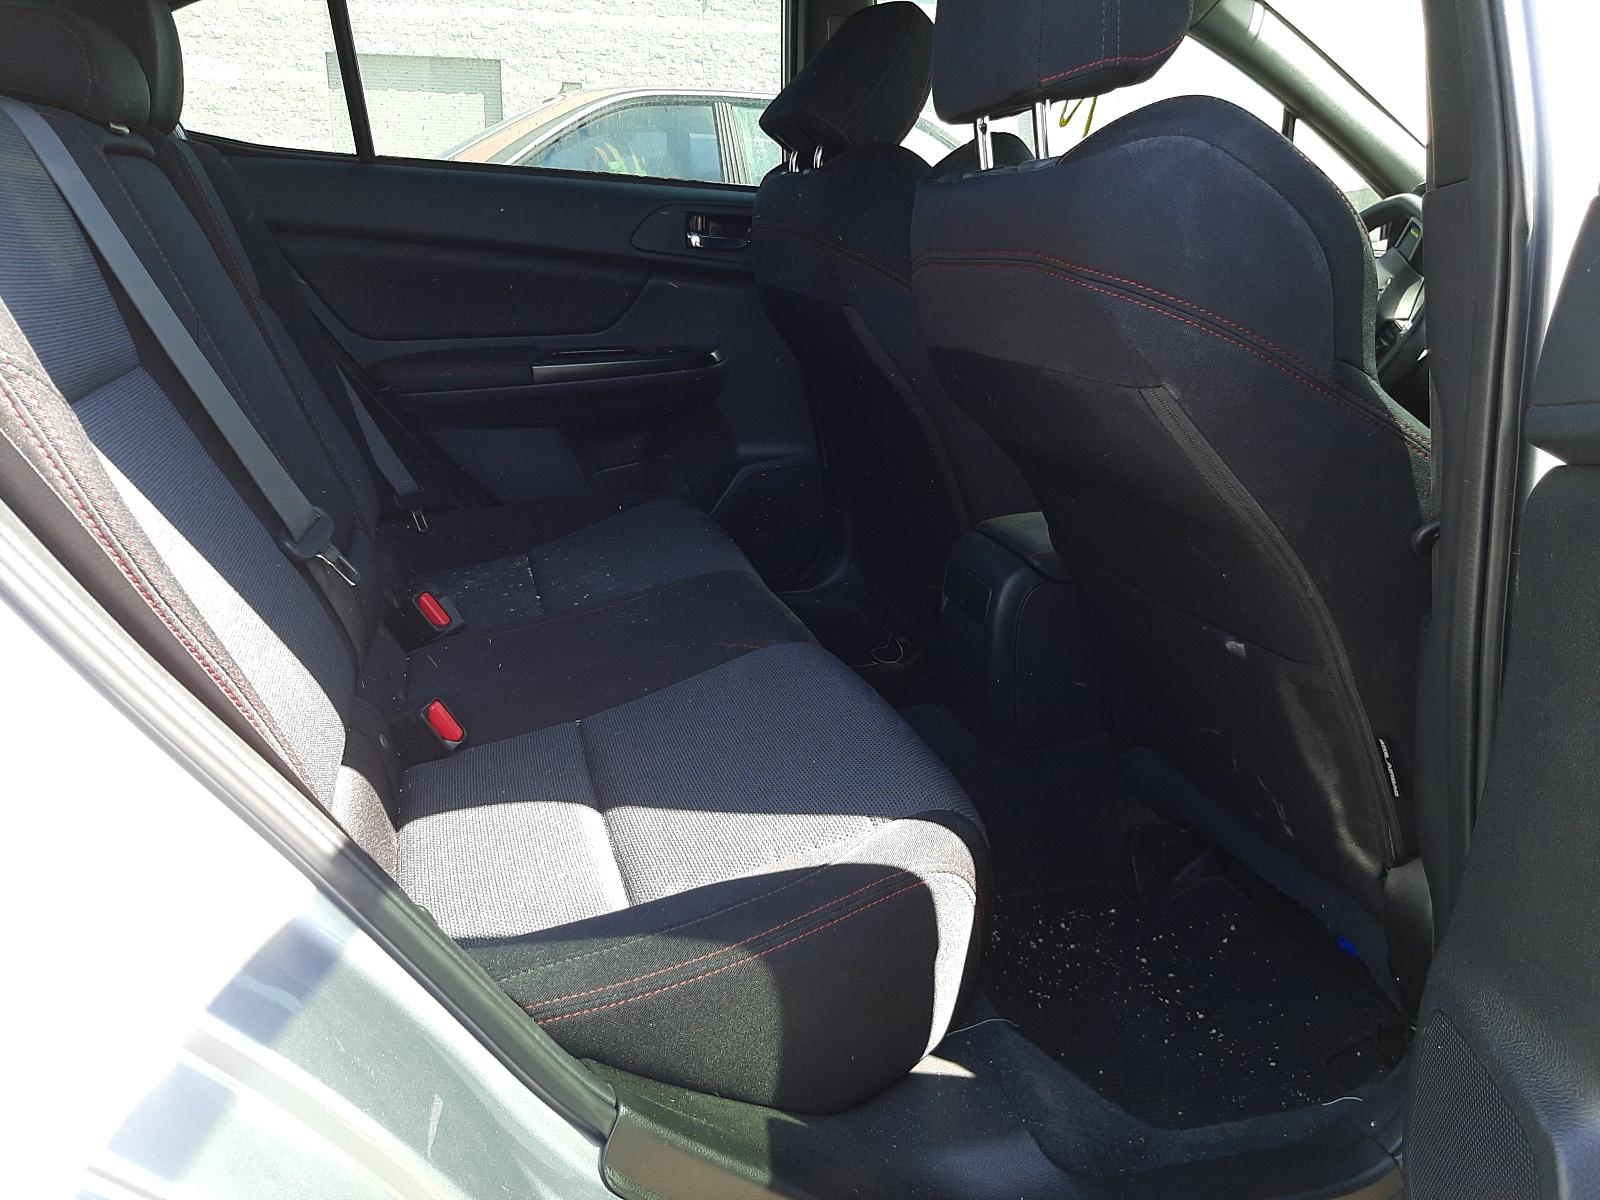 Subaru WRX 2020 VIN JF1VA1A62L9816354